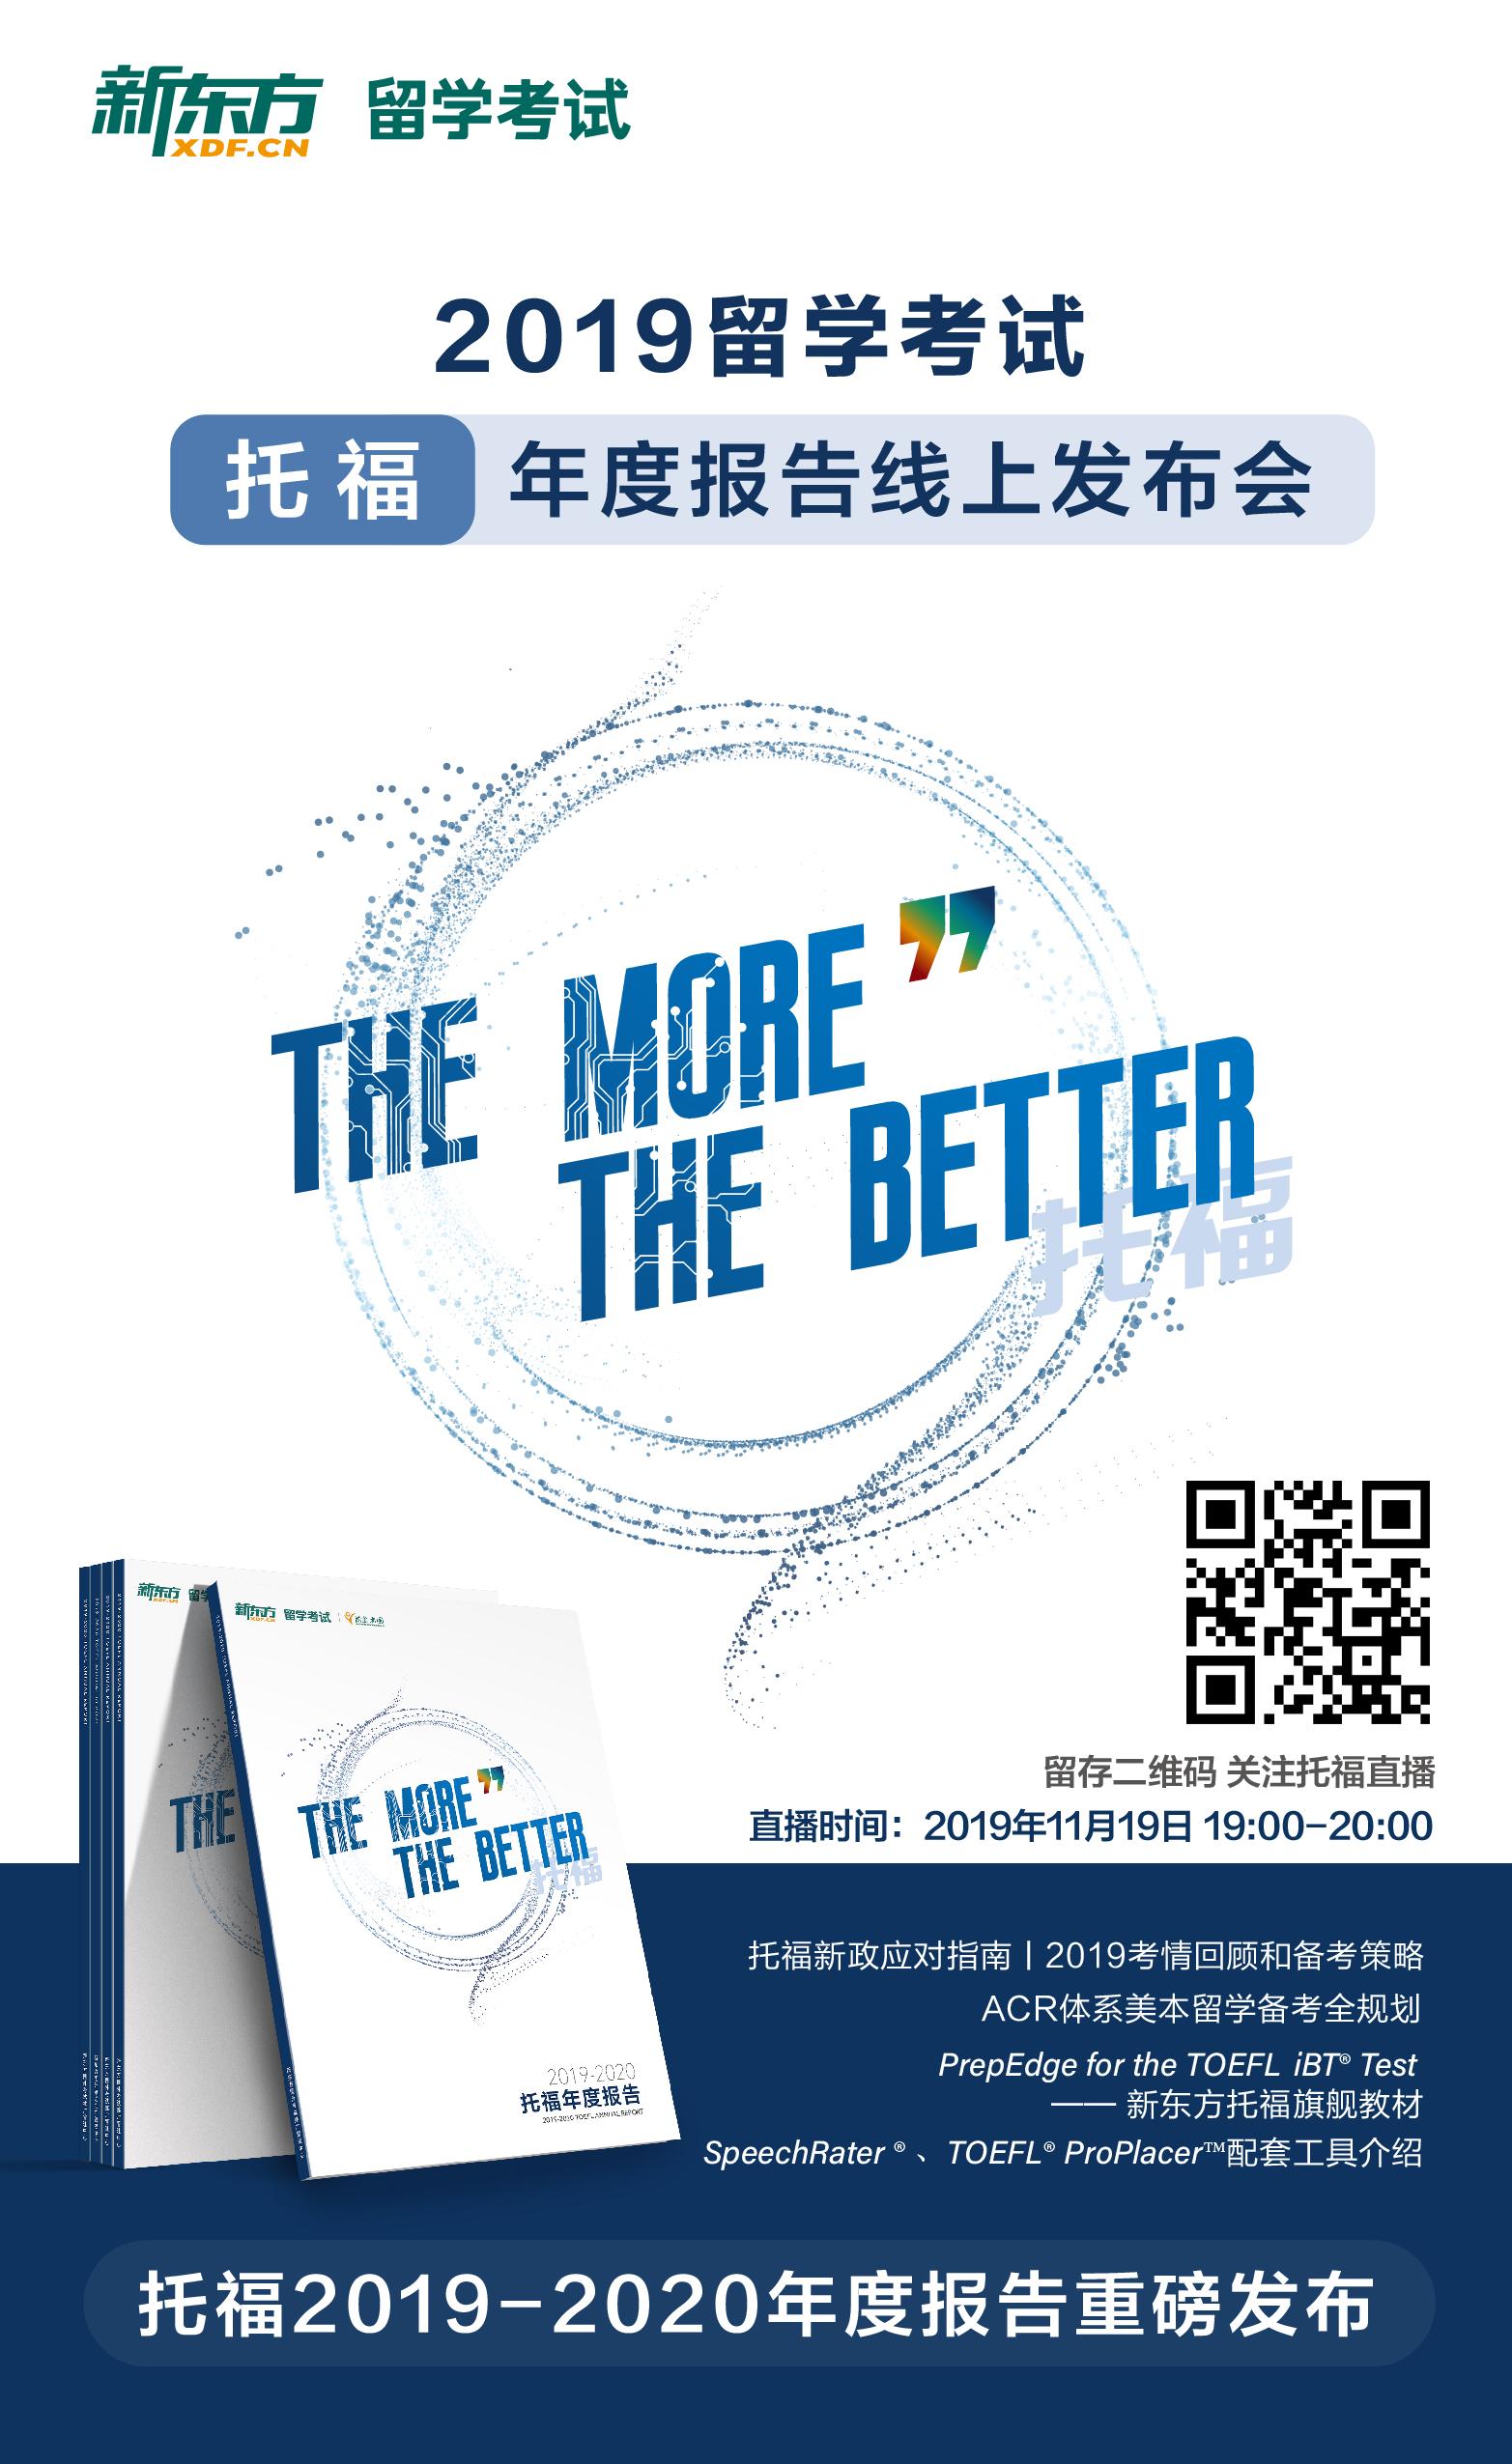 2019托福考试诊断报告来袭 锁定新东方直播